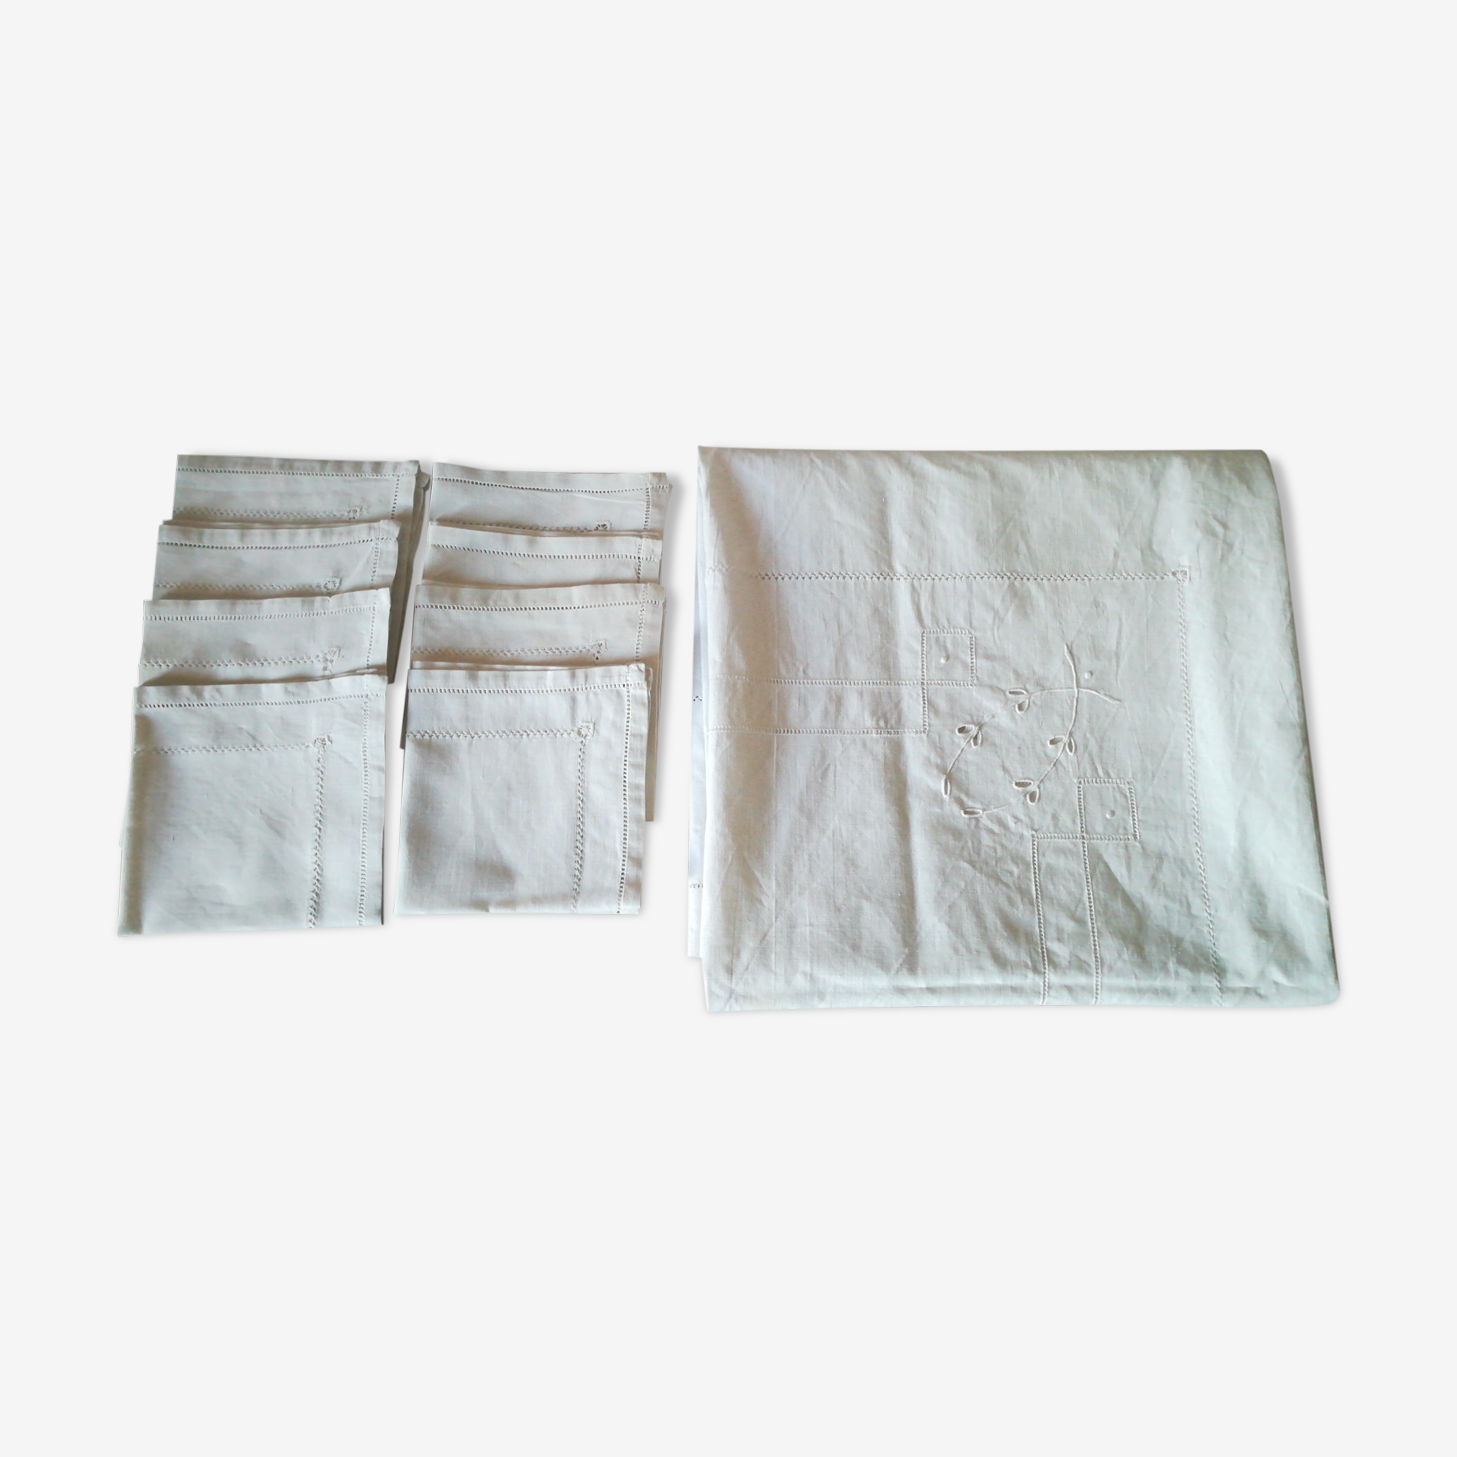 Nappe en coton a jours et ses 8 serviettes assorties